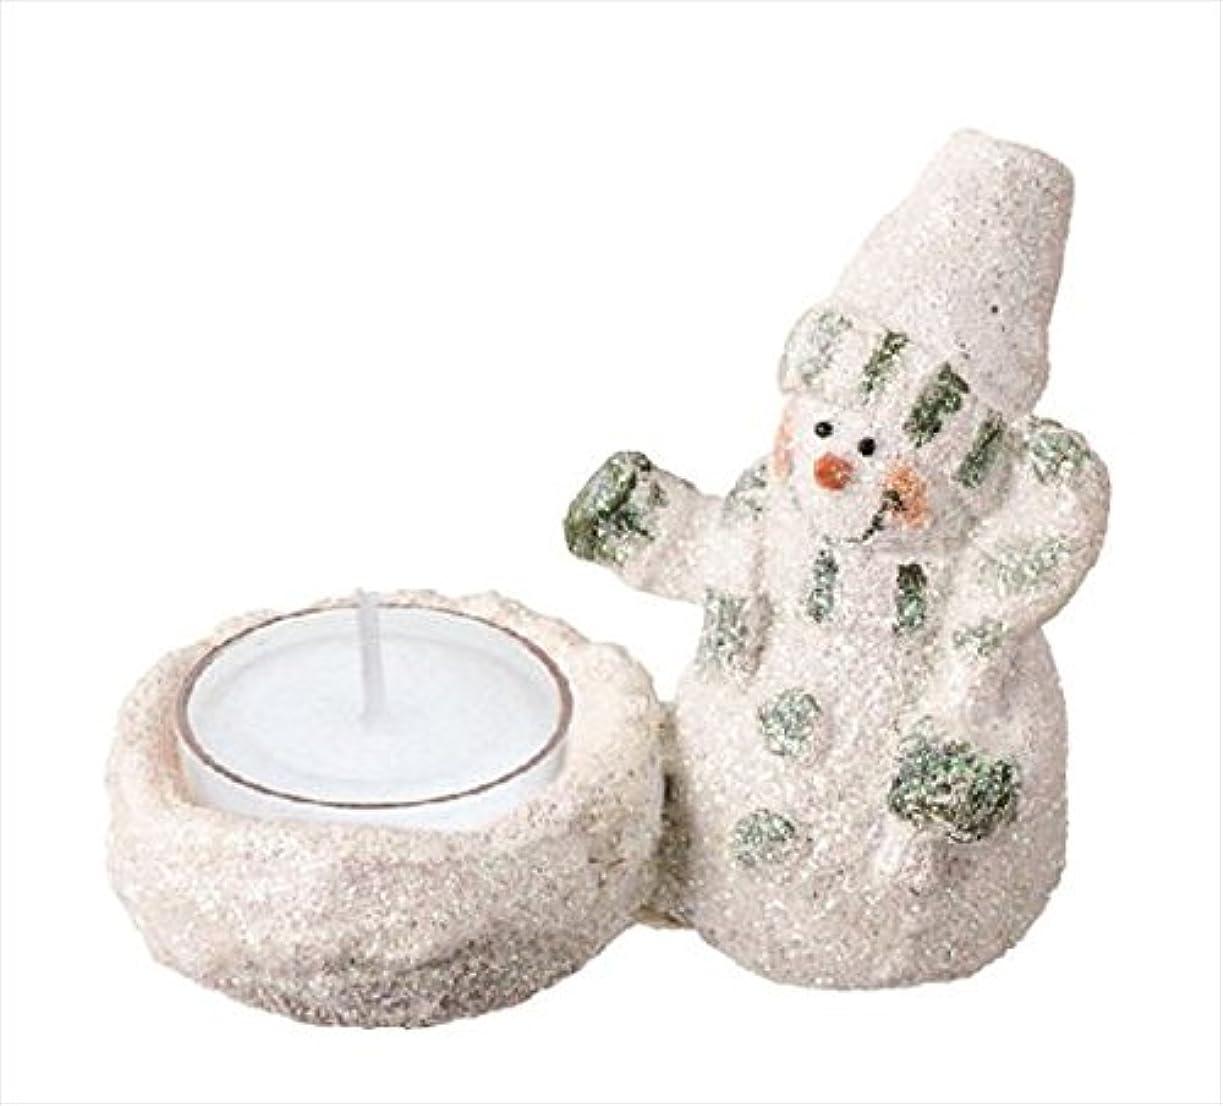 描くいろいろ番号カメヤマキャンドル(kameyama candle) グリッタースノーマンホルダー 「 グリーン 」